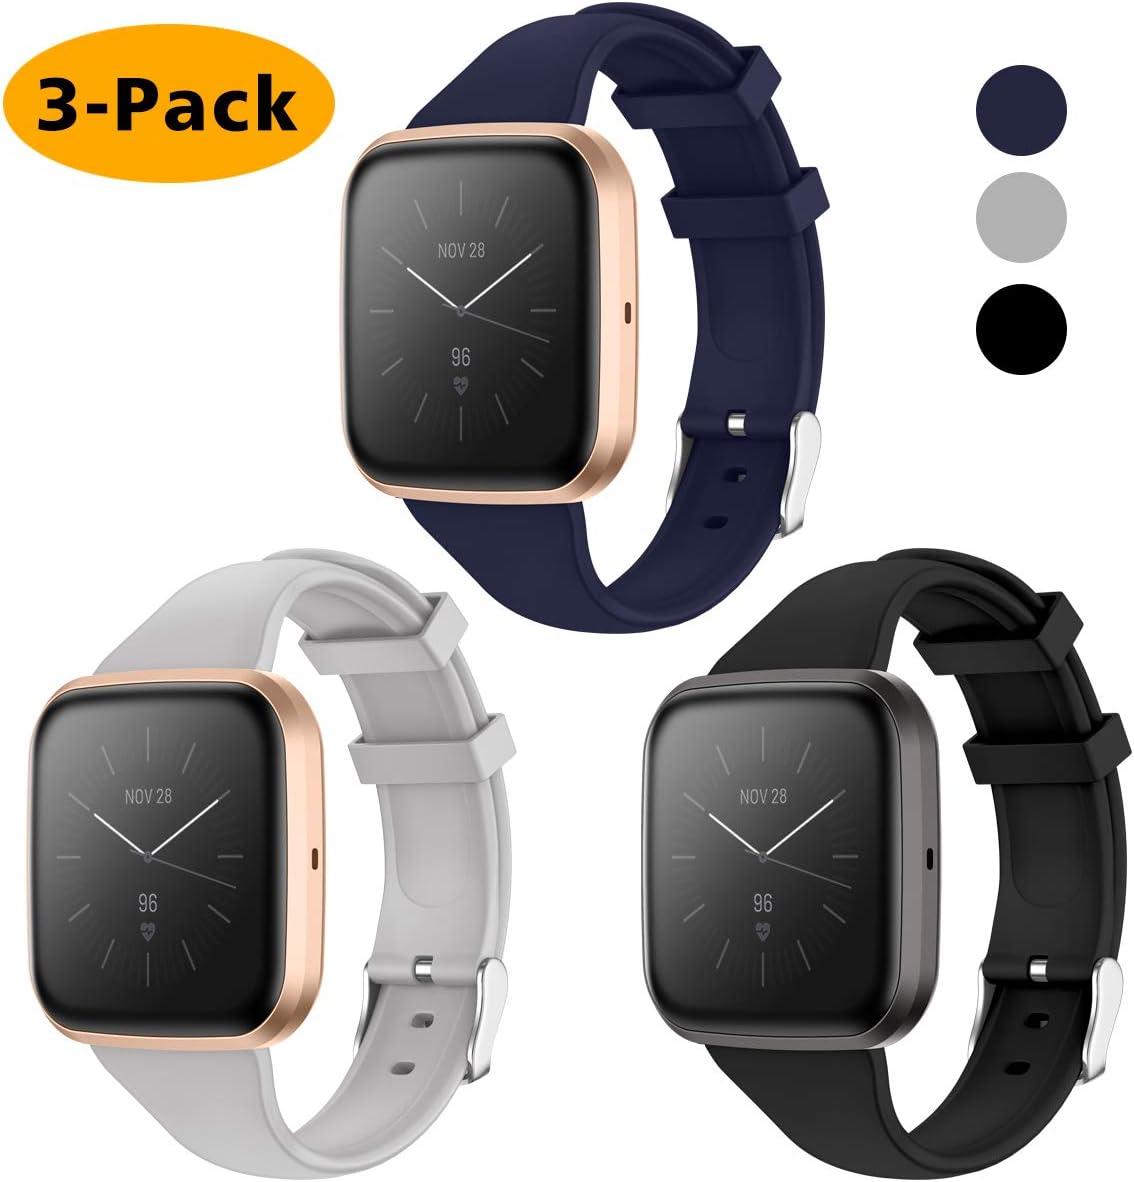 Quadratische Schnalle Schlank Ersatzband Uhrenarmband f/ür Fitbit Versa Special Edition Smartwatch KIMILAR Armband Kompatibel mit Fitbit Versa//Versa 2 //Versa Lite//SE Armb/änder Silikon